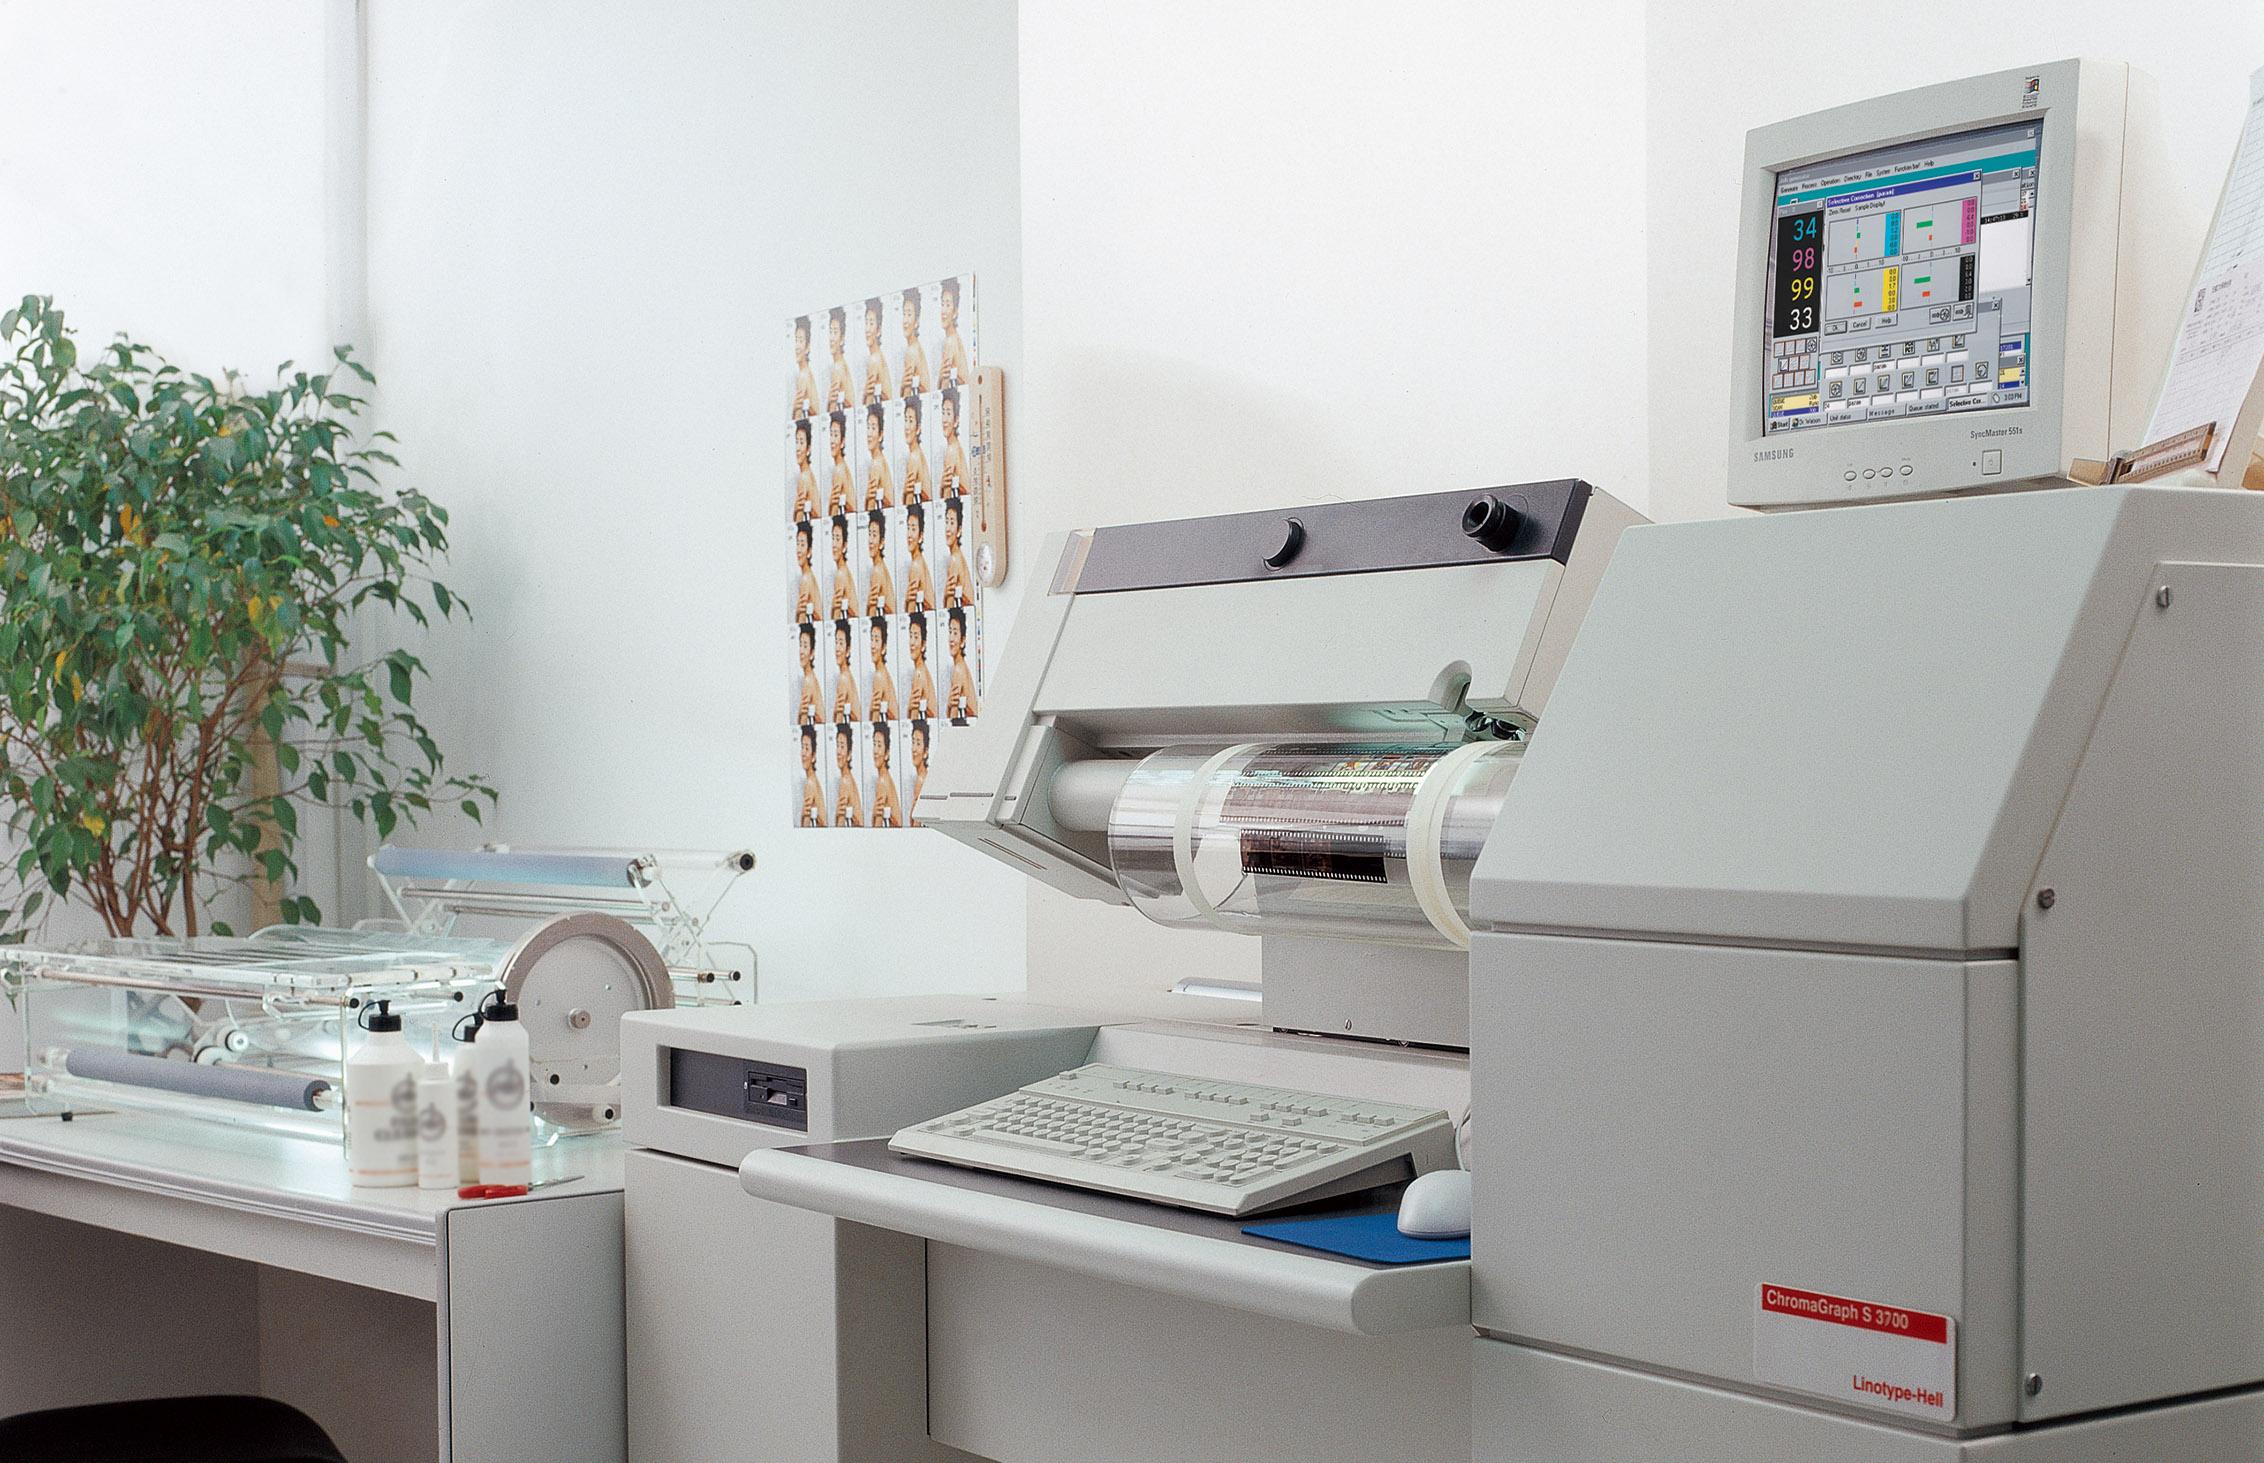 电分扫描设备用图